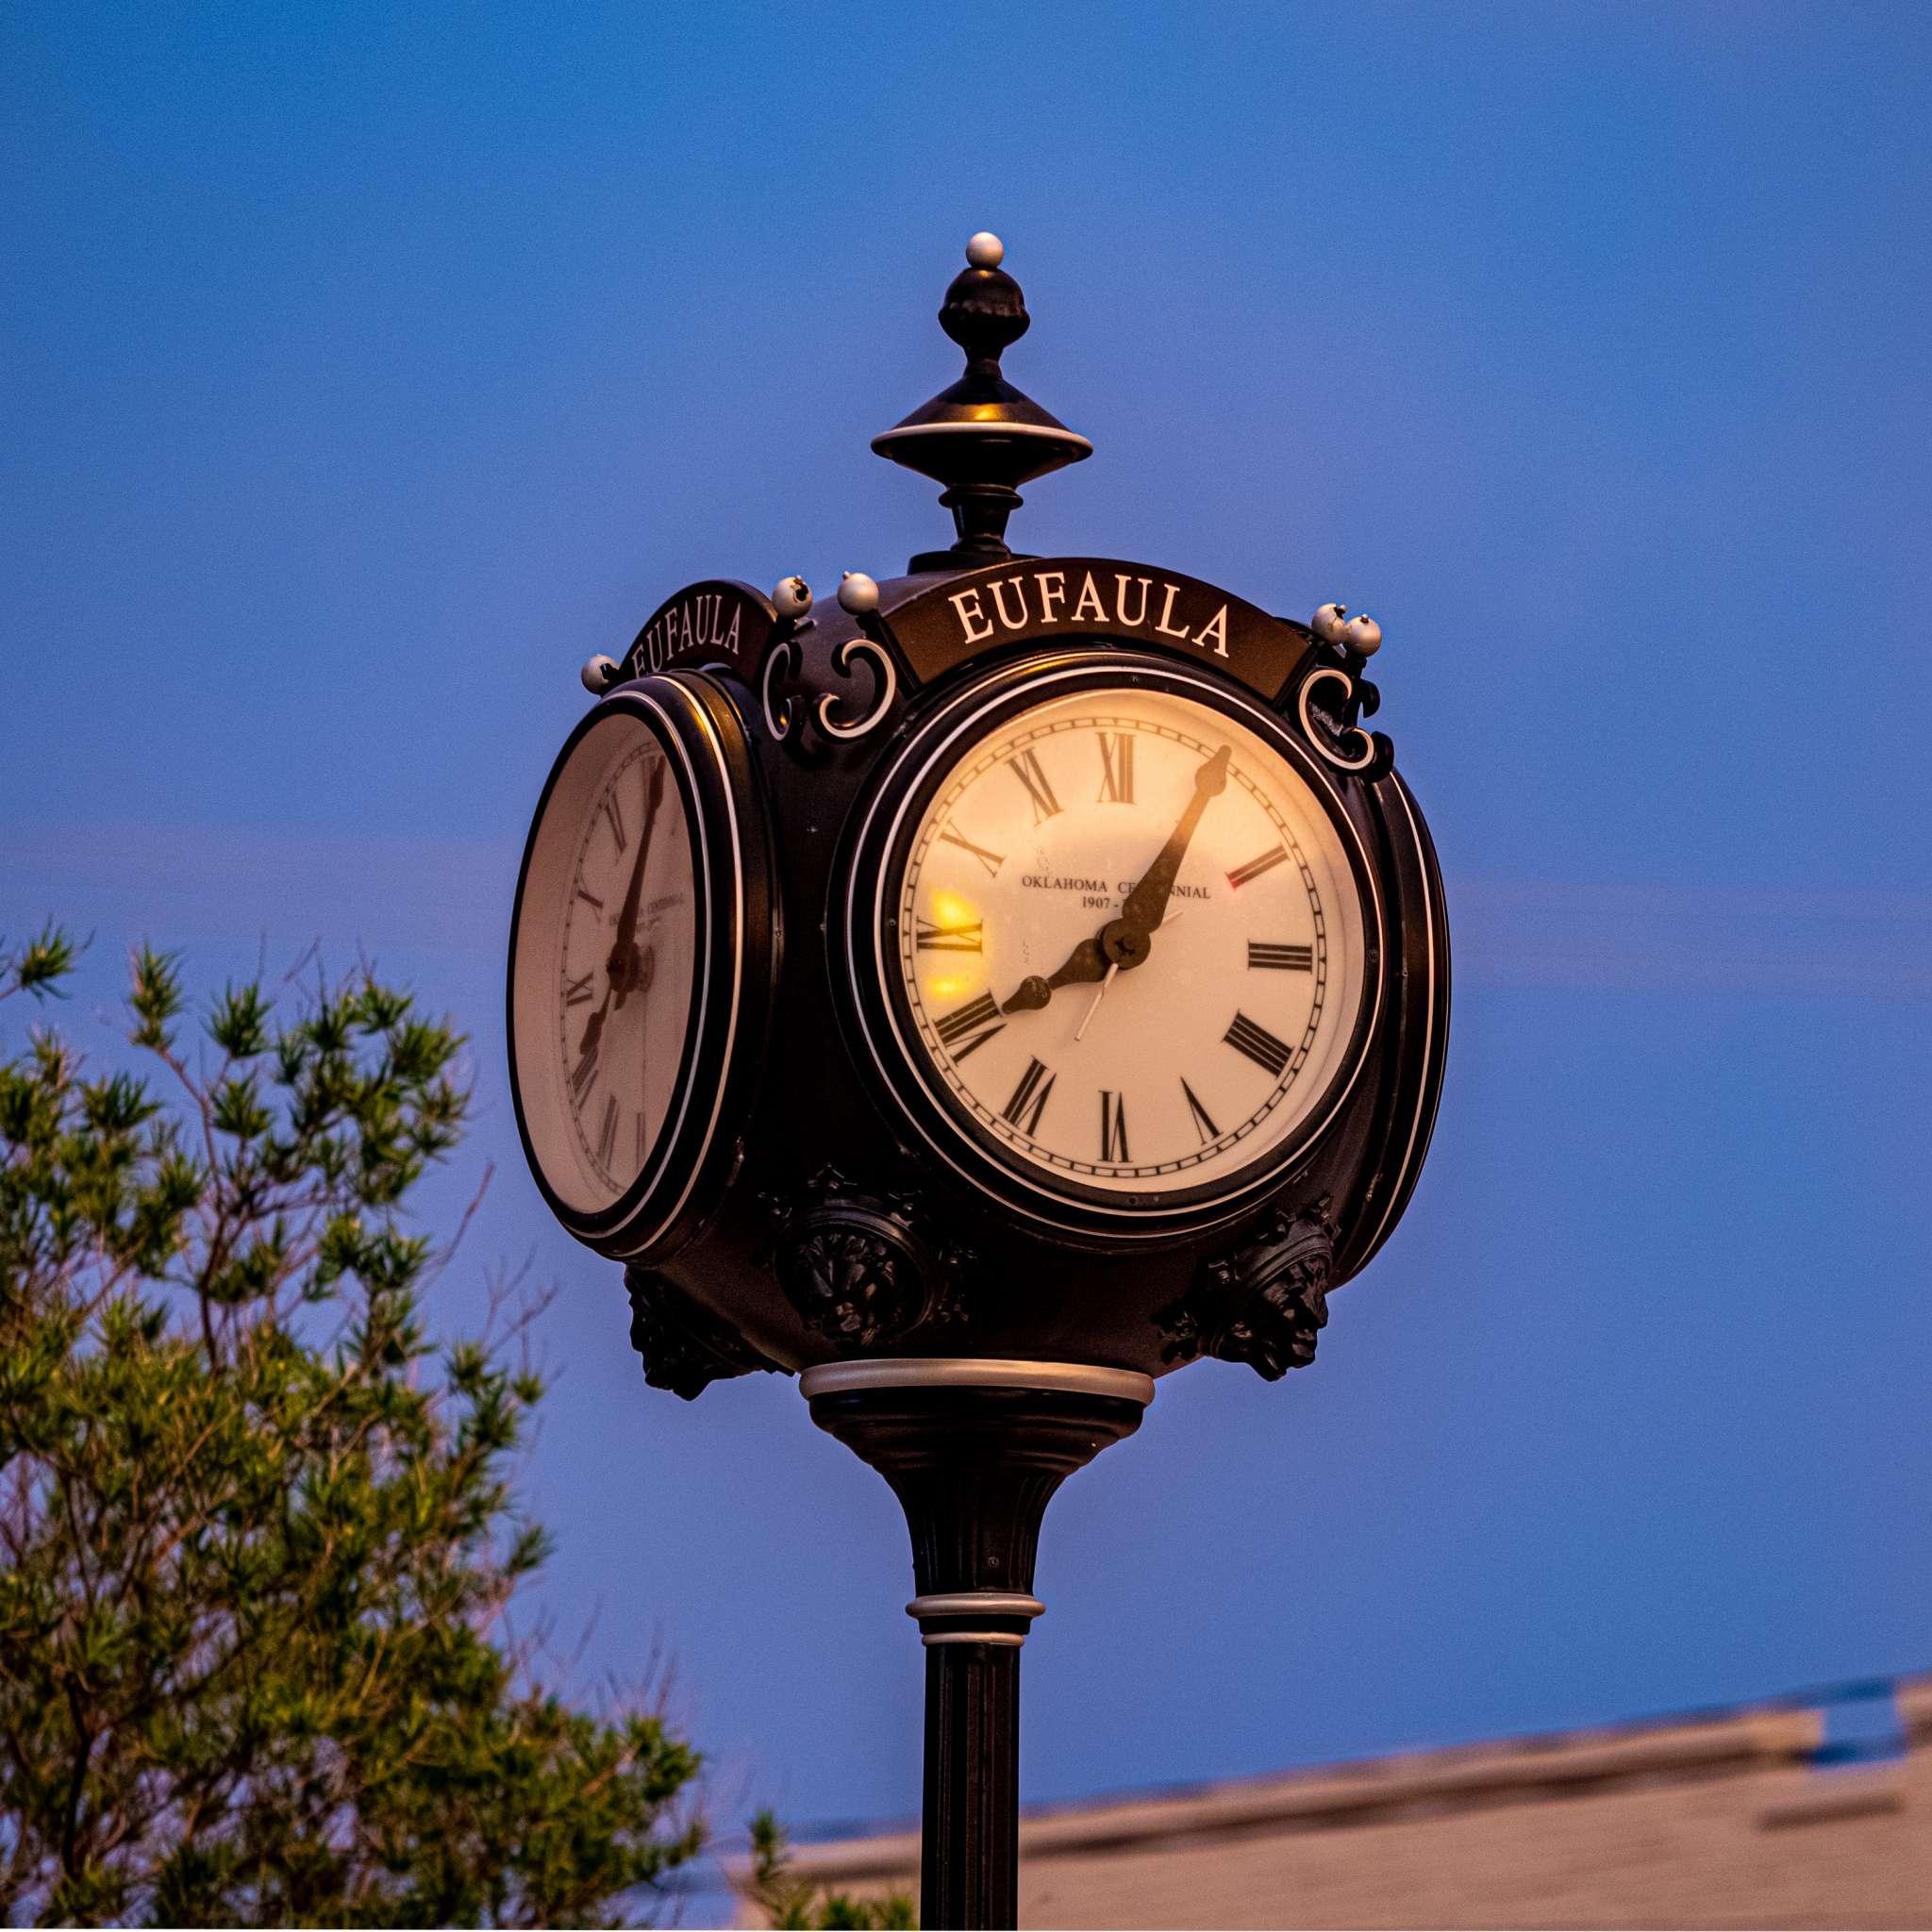 Eufaula, OK Centennial Clock